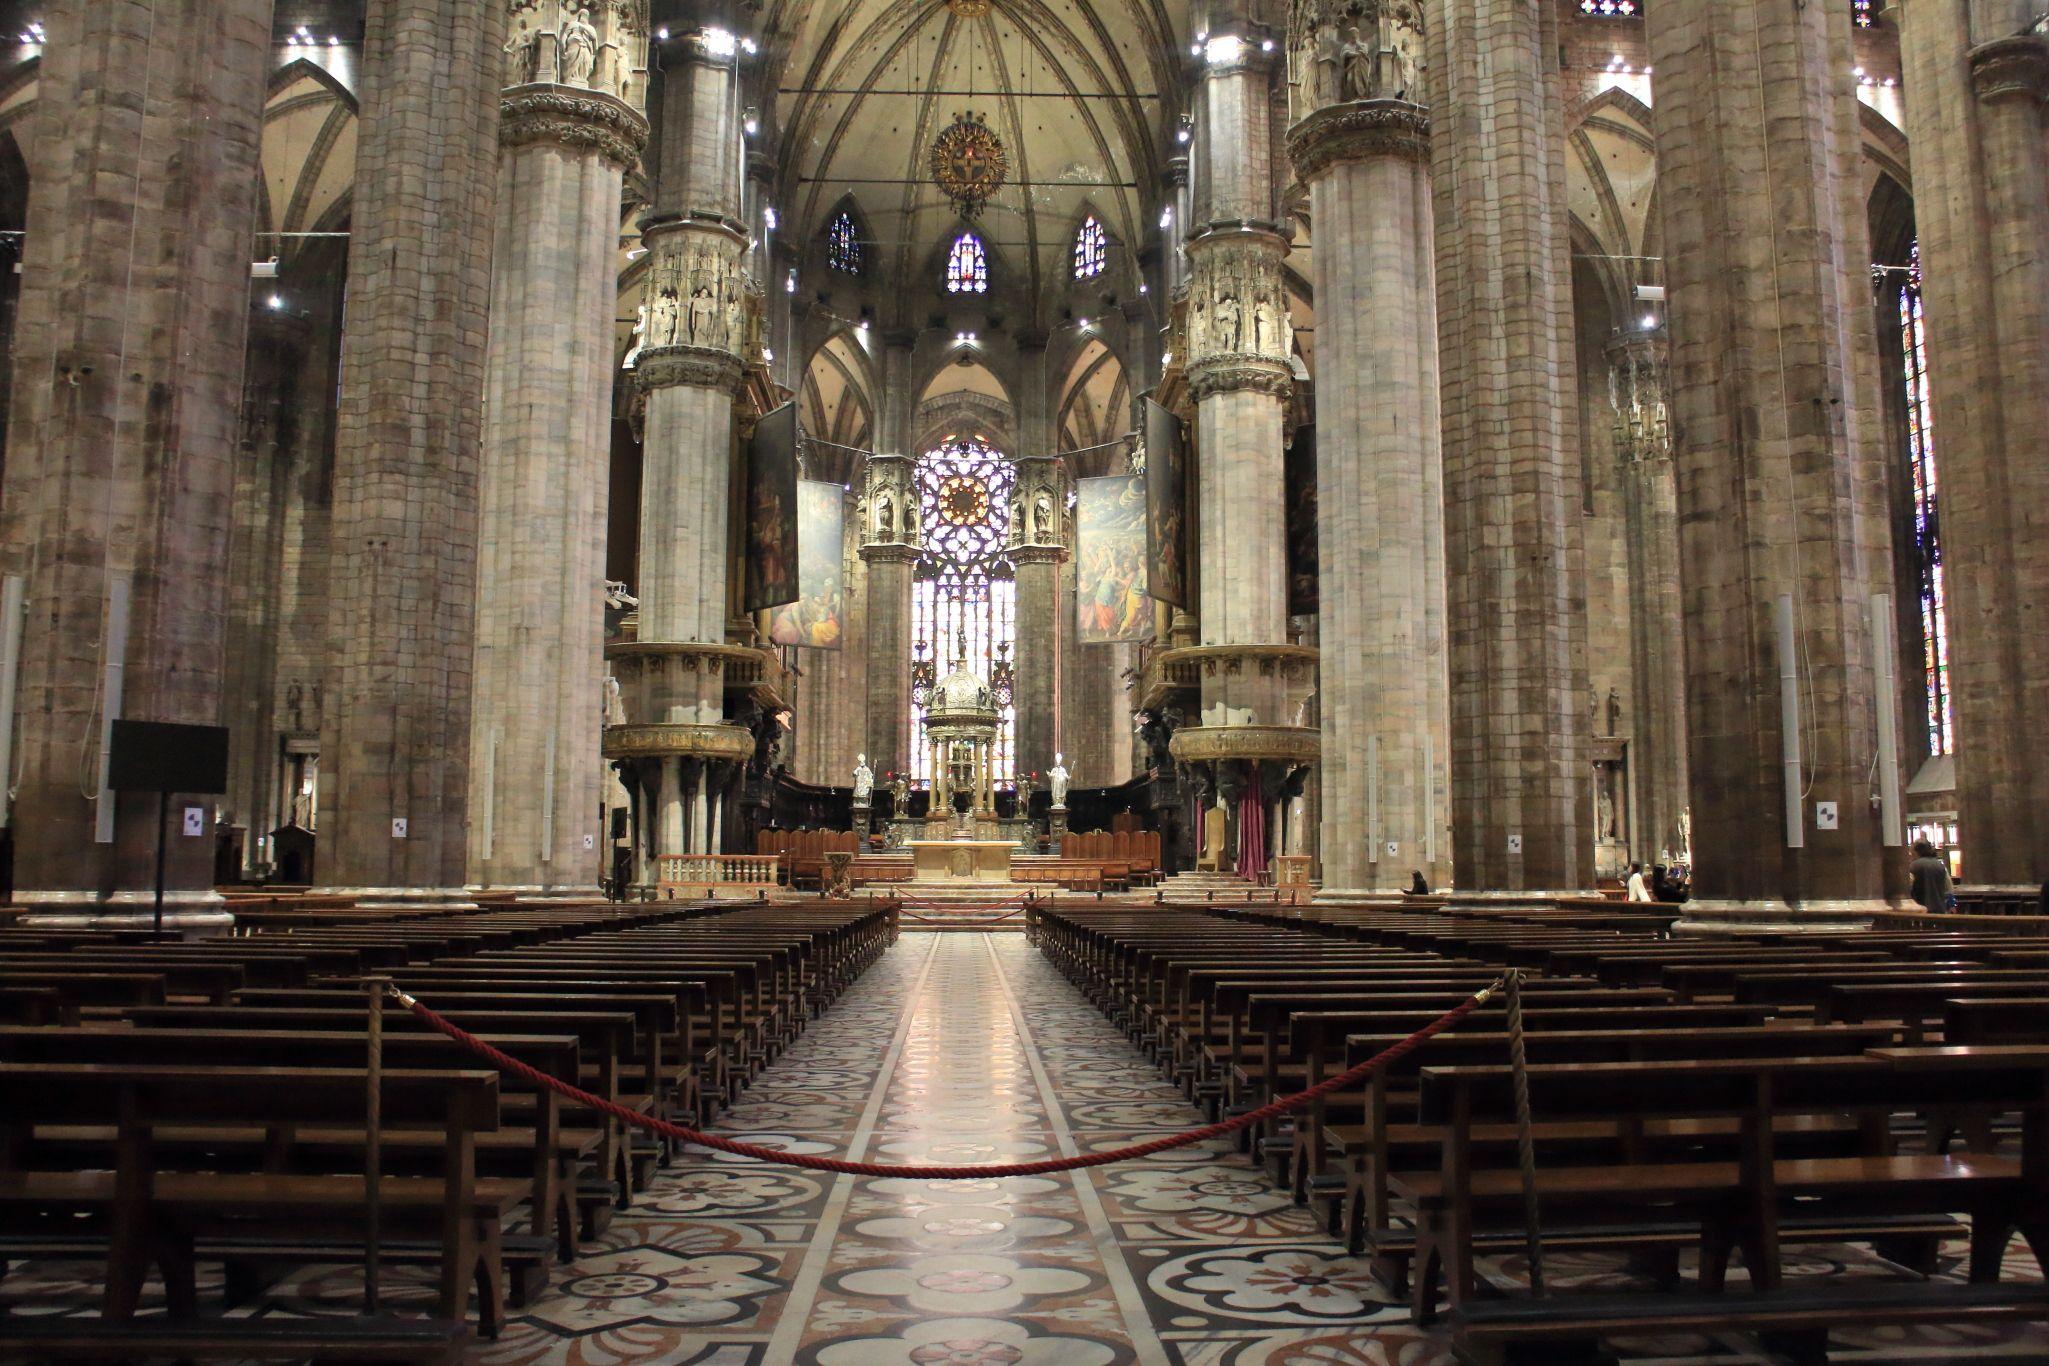 Catedral De Mil U00e3o Duomo Di Milano Interior Catedral